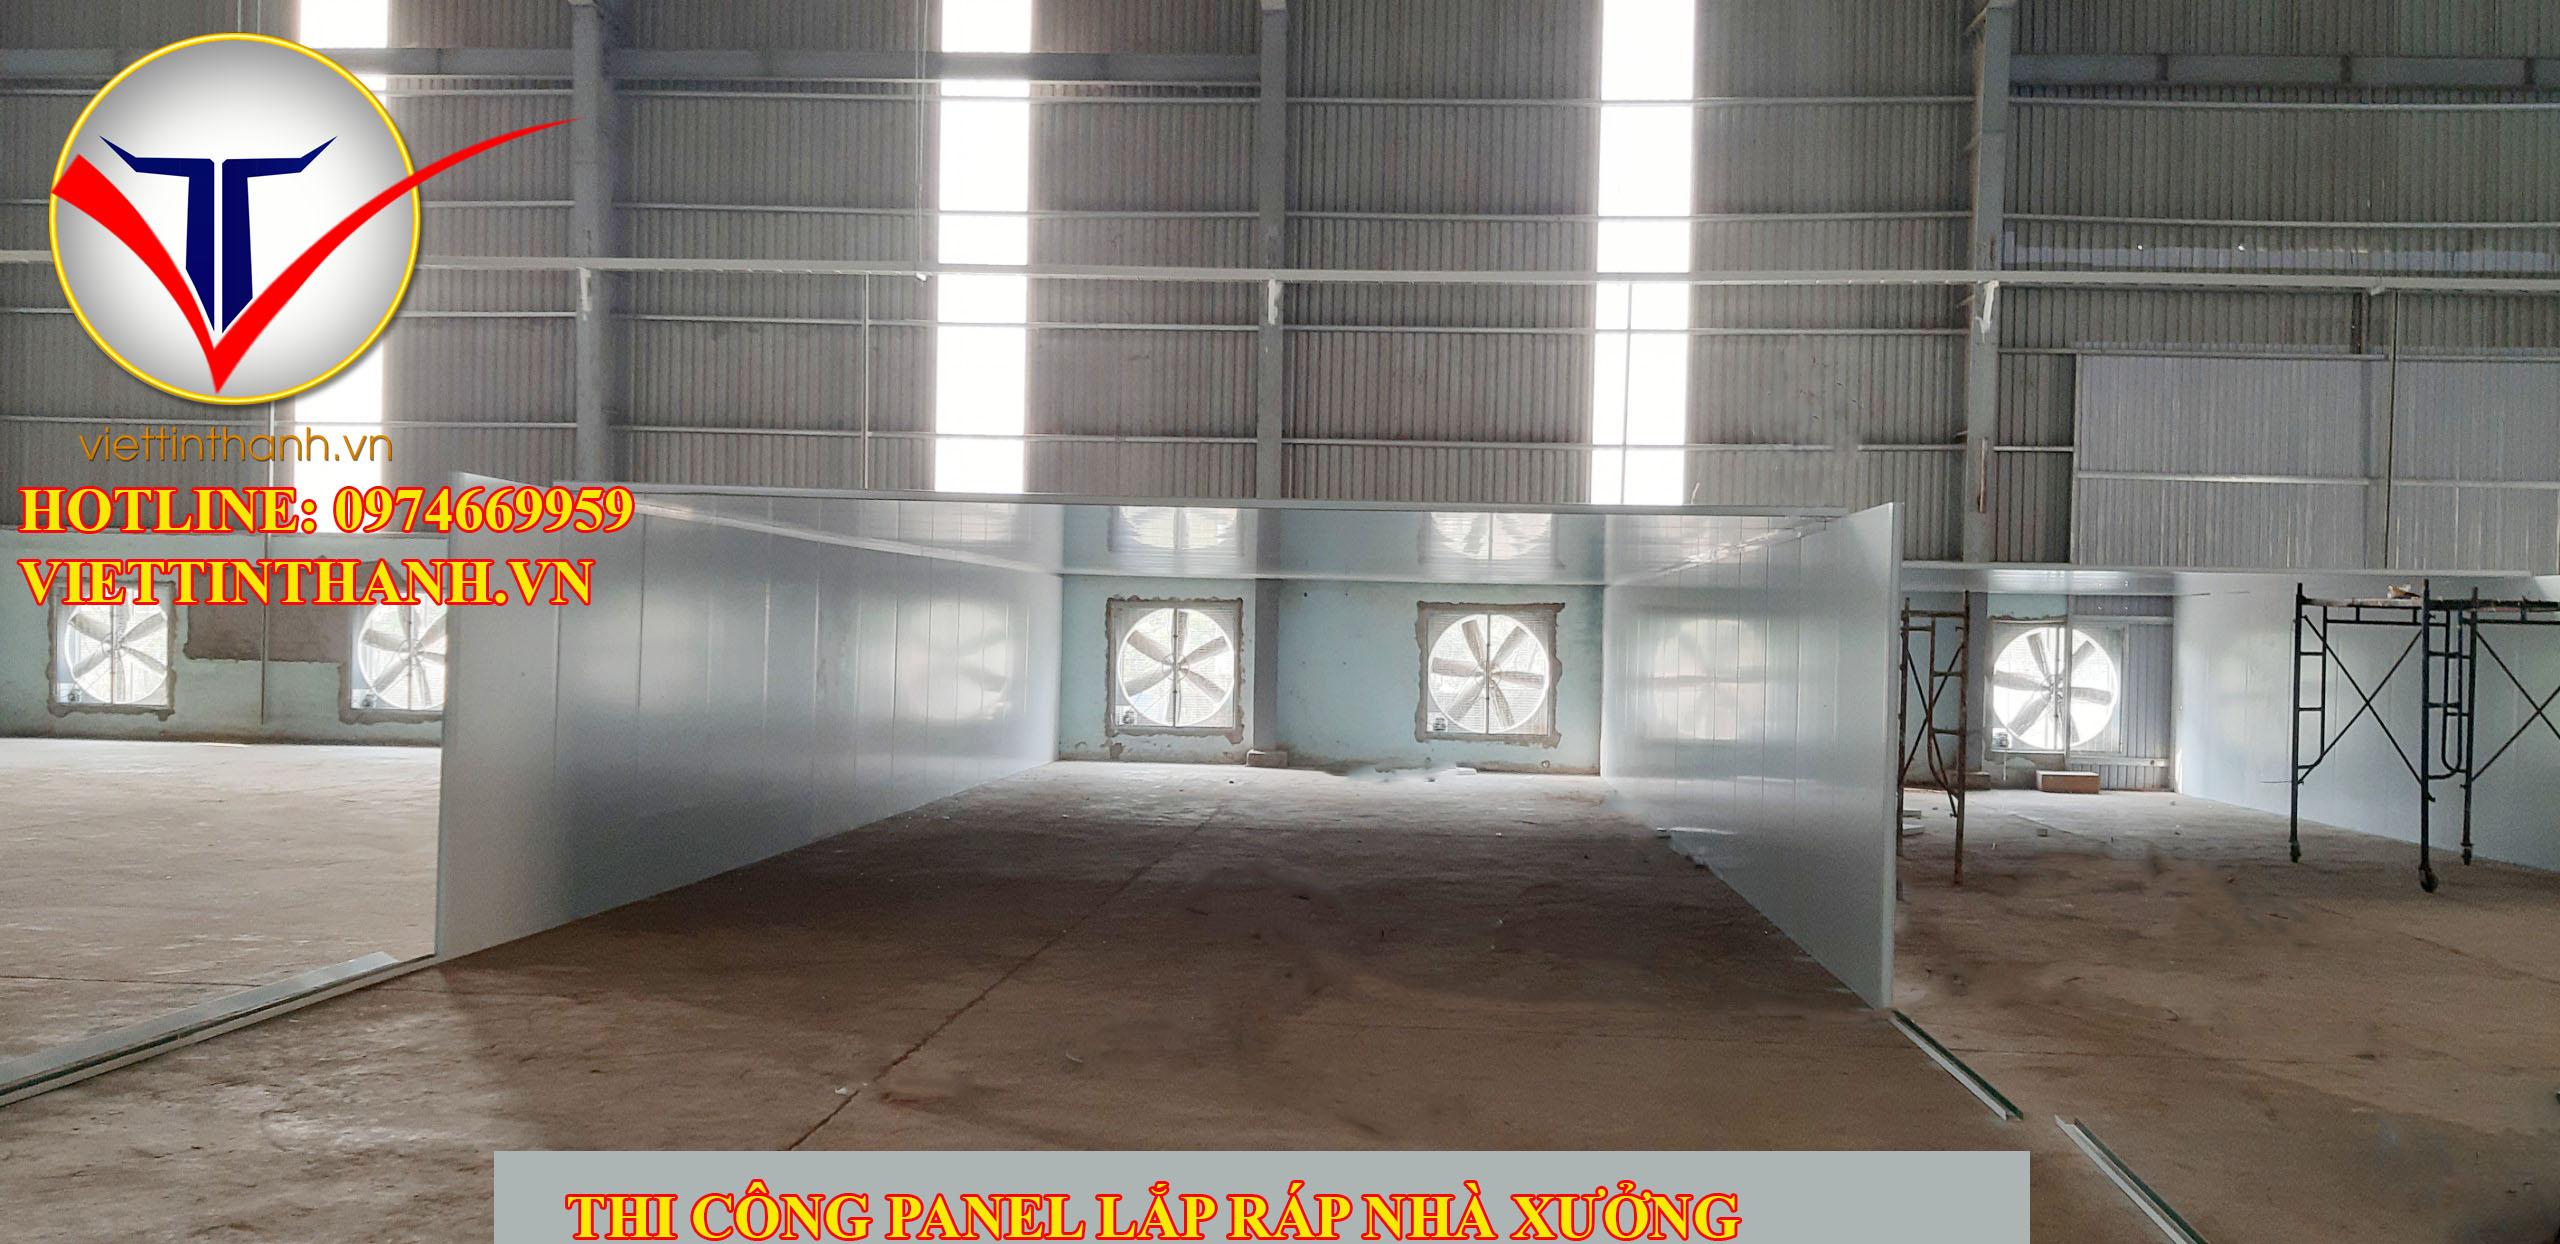 thi công Panel chống nóng cho nhà xưởng, lắp ráp nhà xưởng